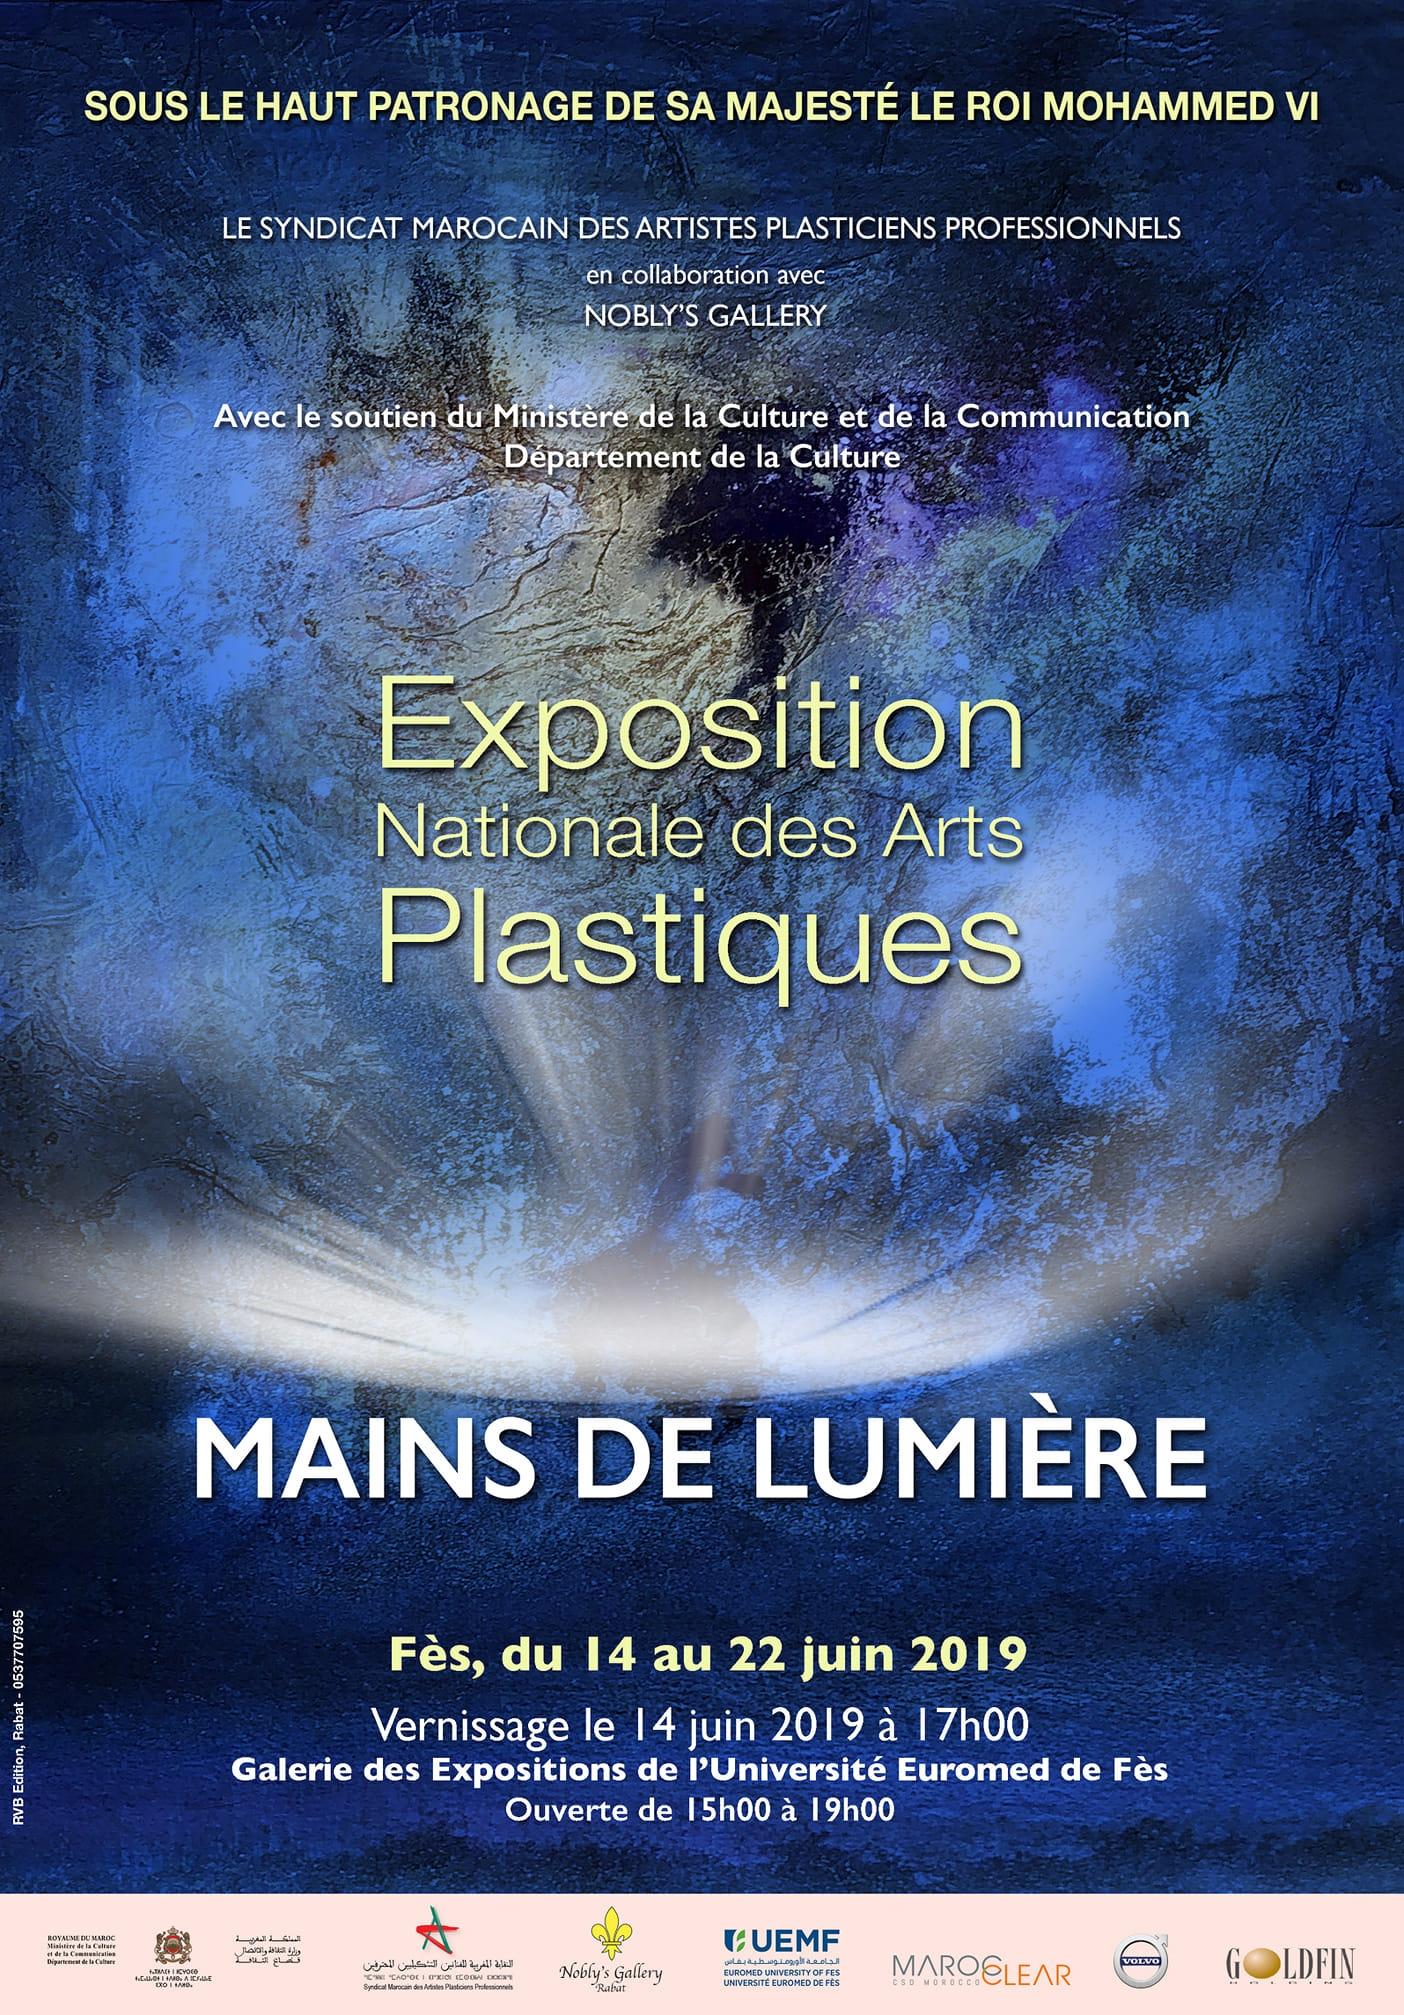 تقرير عن المعرض الوطني للفنون التشكيلية بمدينة فاس